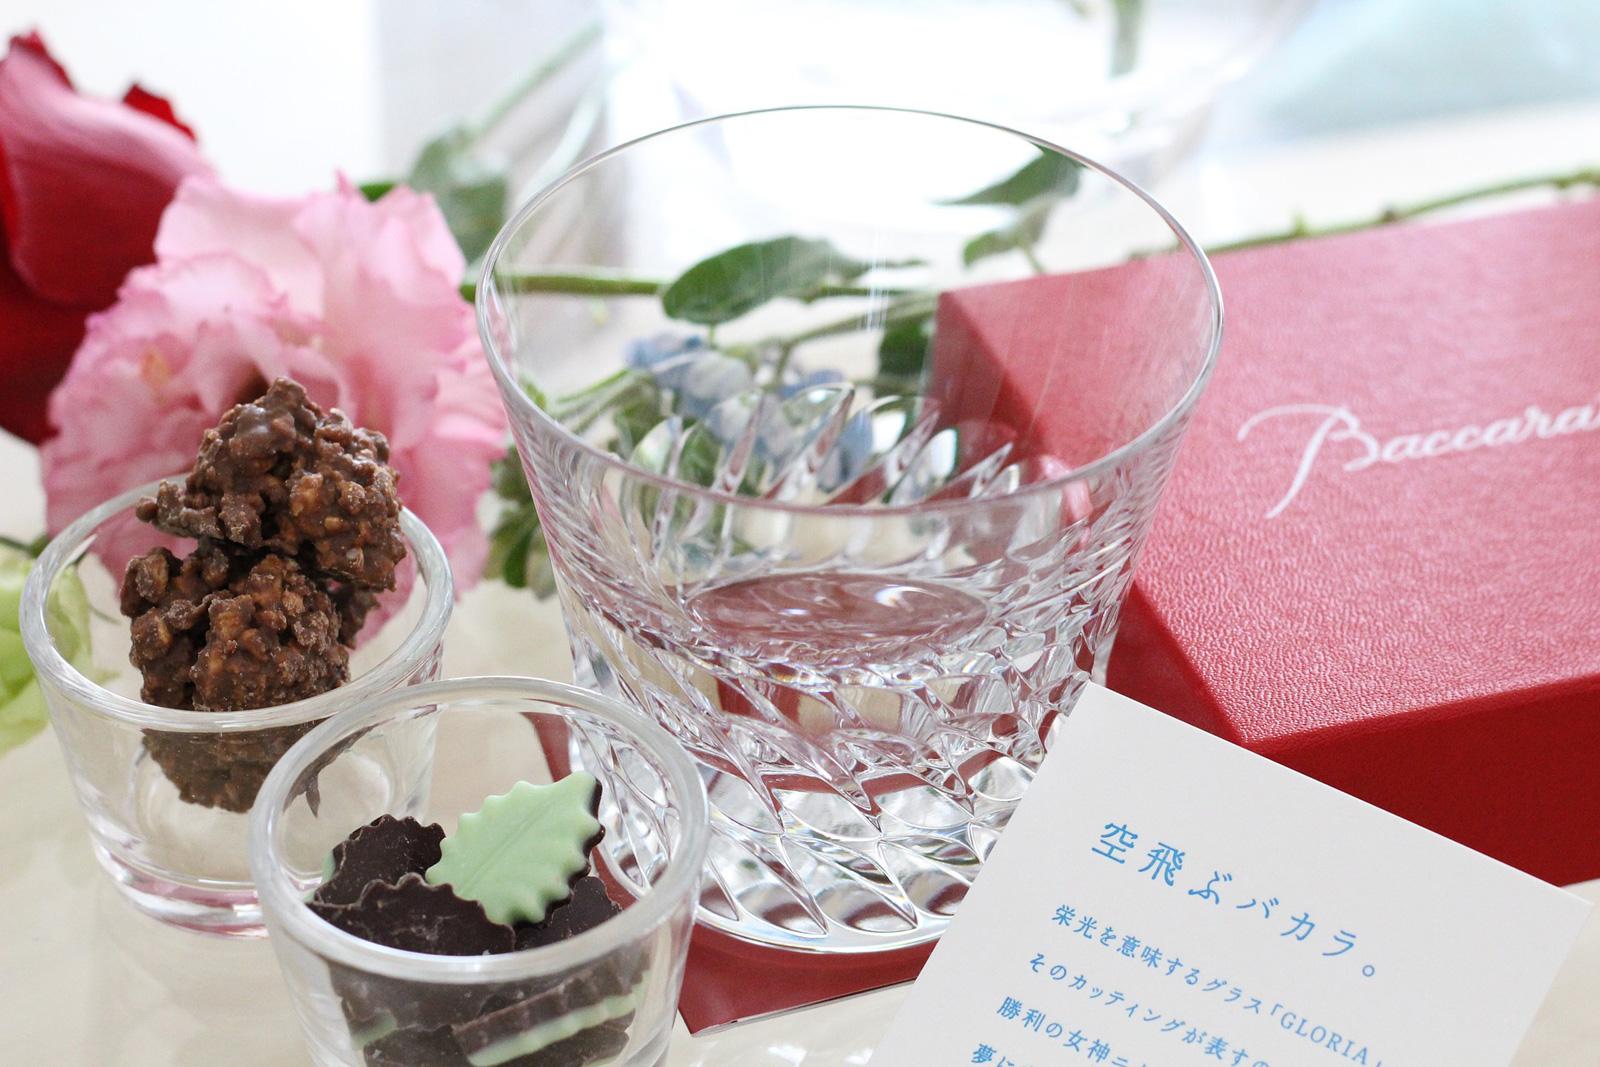 La cristallerie Baccarat rachetée par une société chinoise